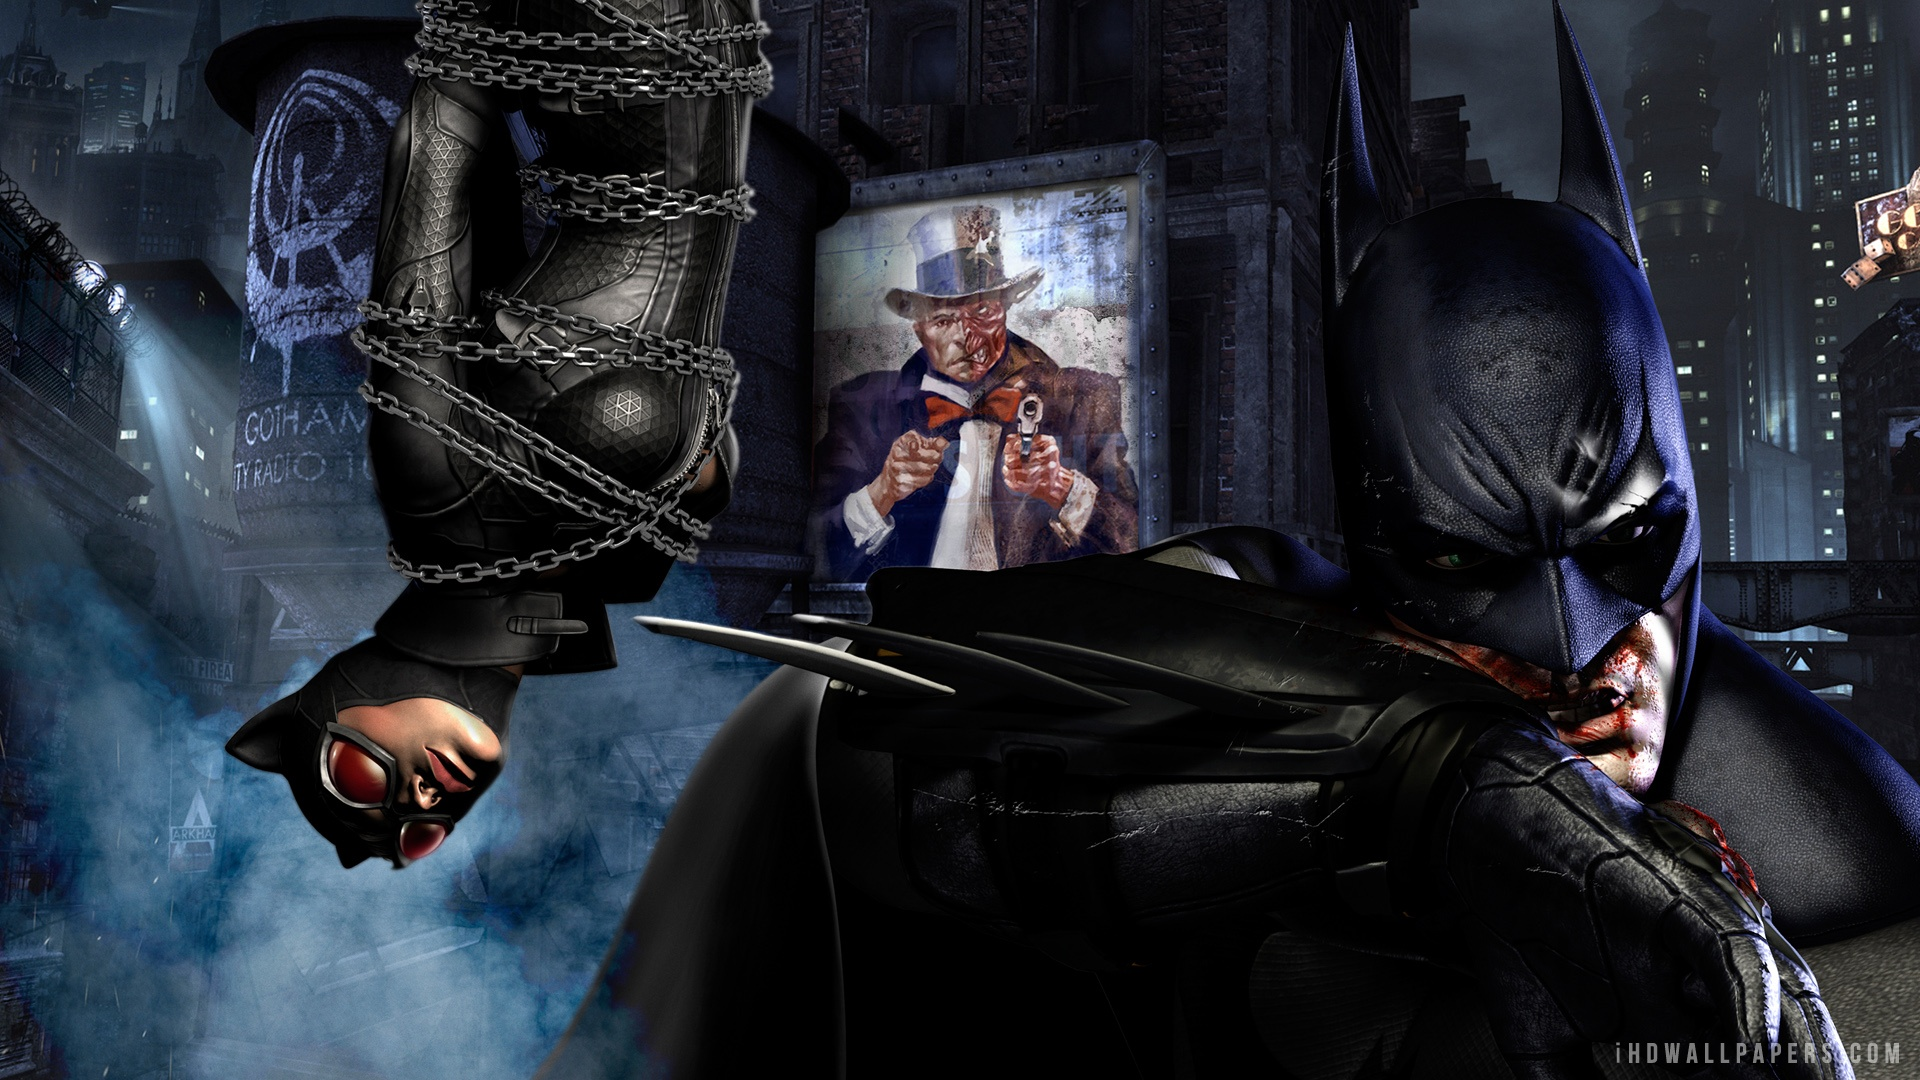 Batman And Catwoman Wallpaper Wallpapersafari